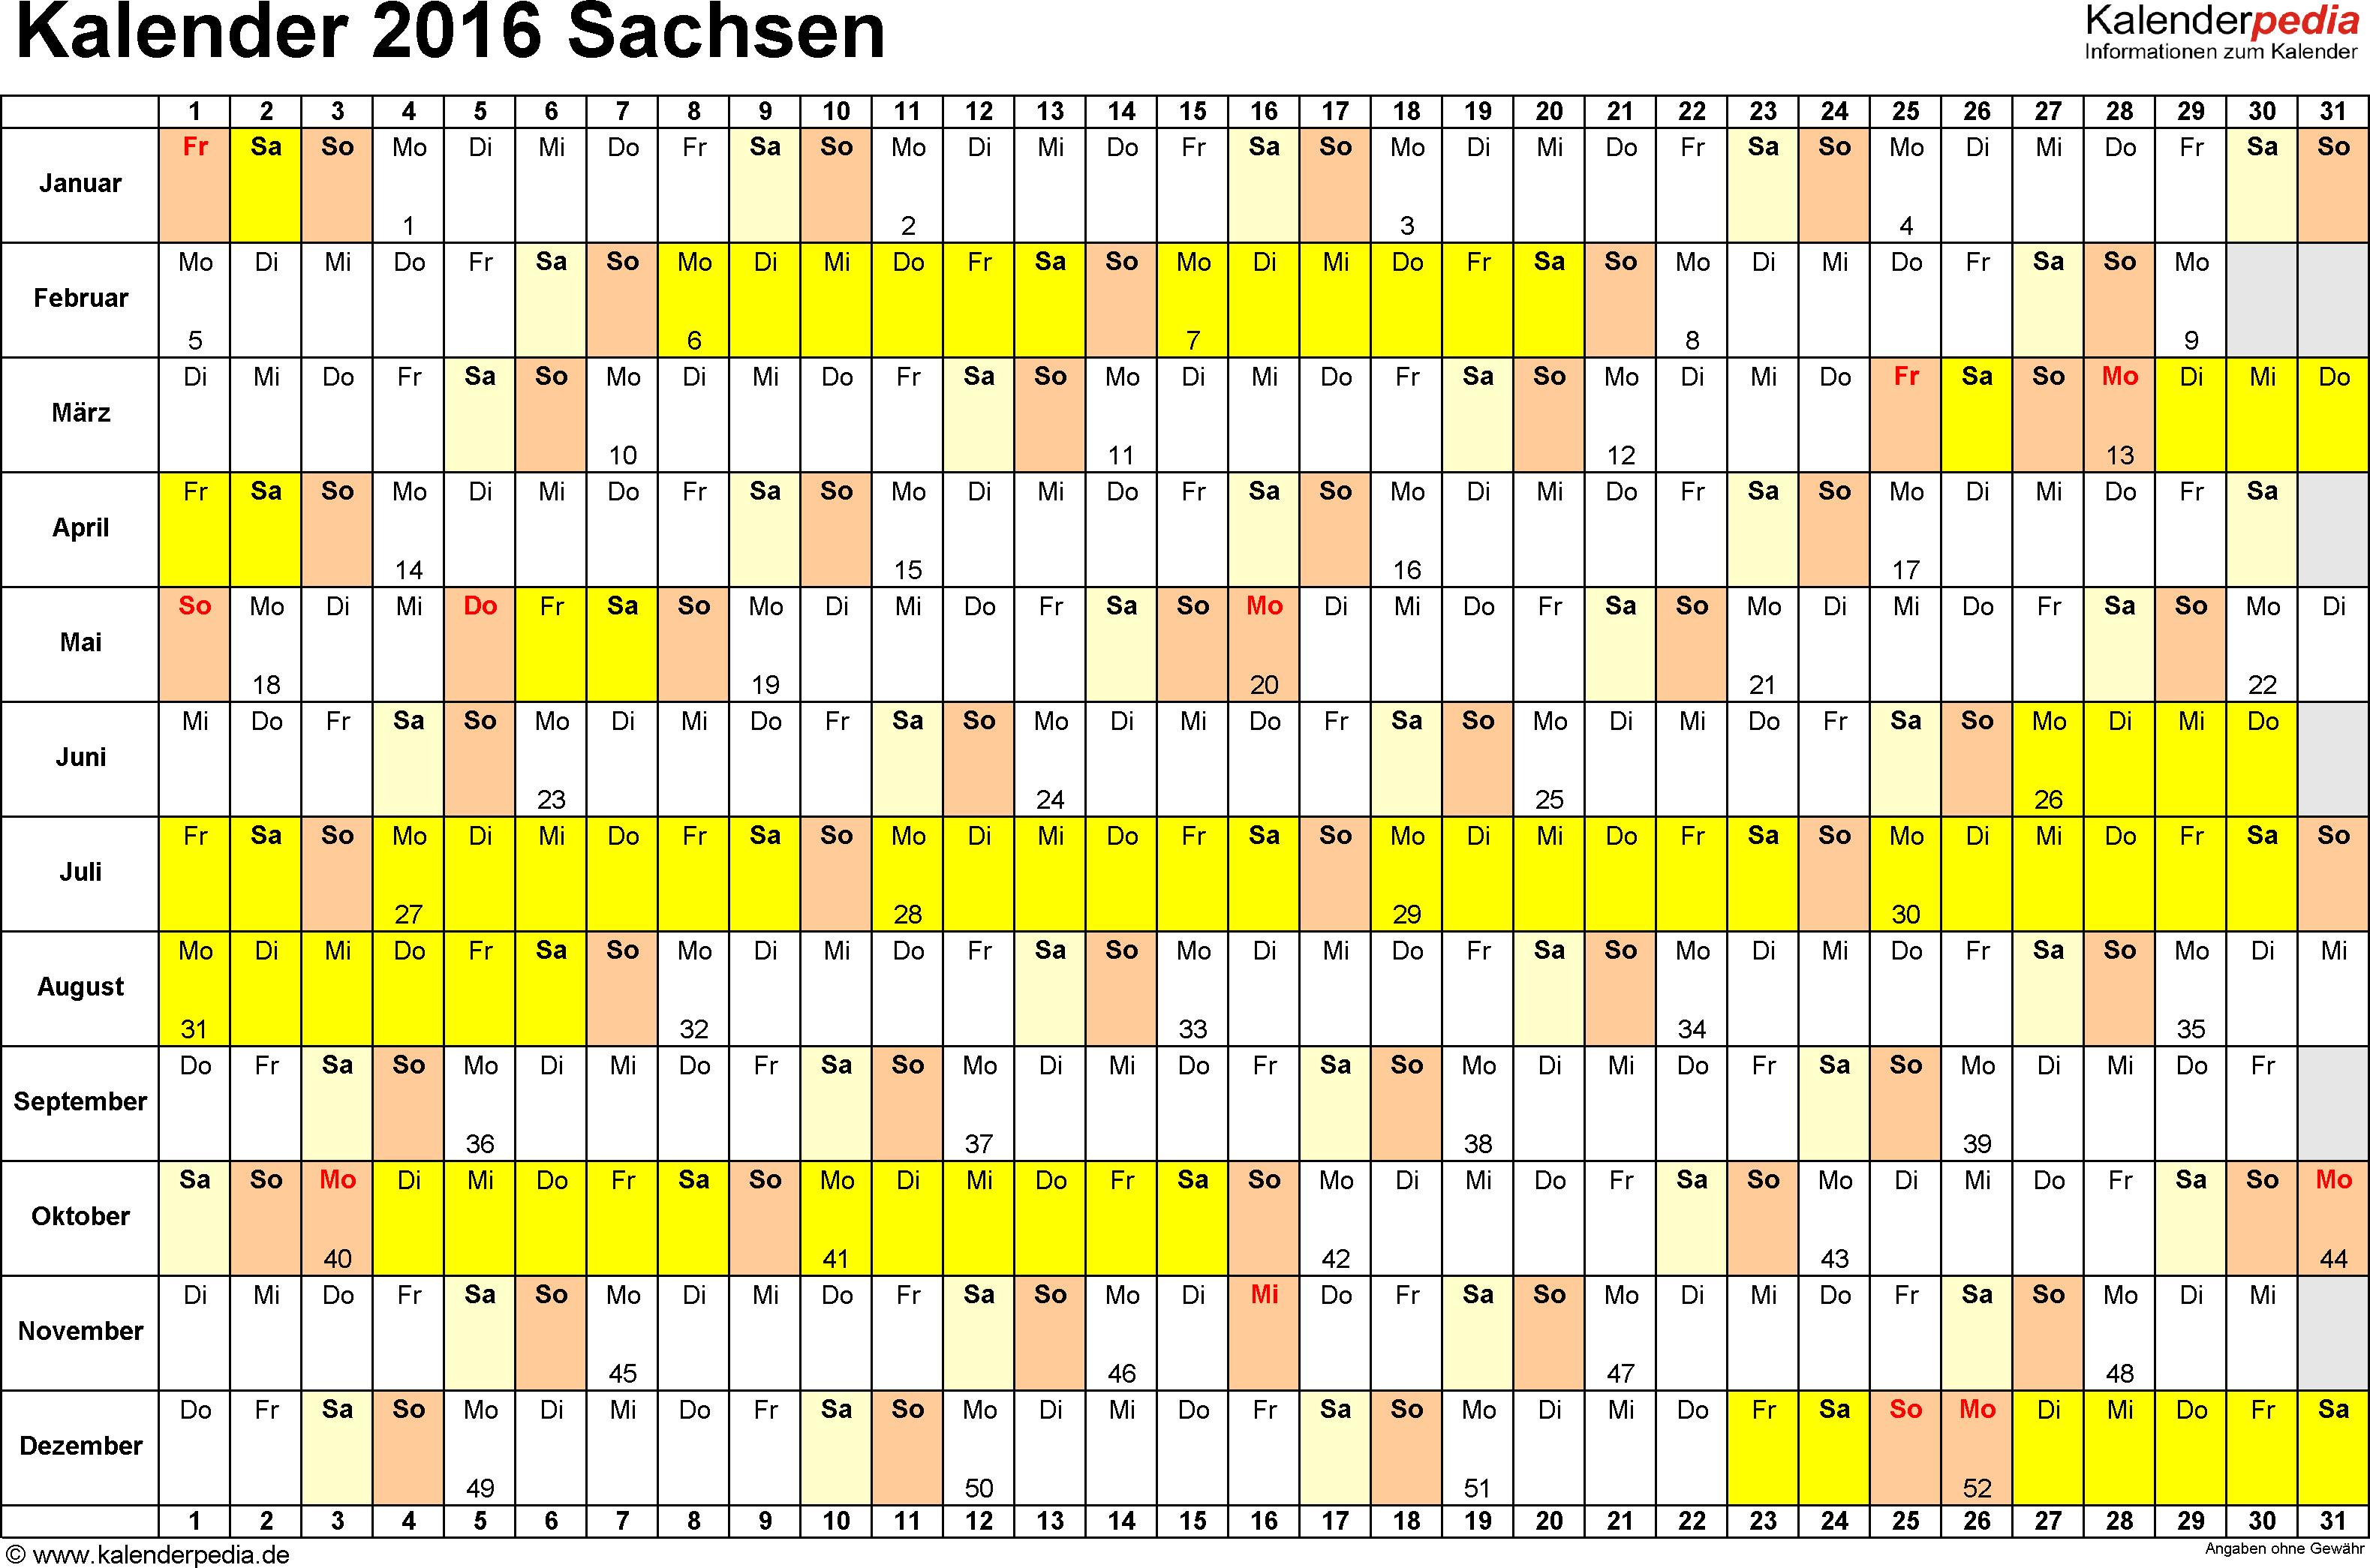 Vorlage 2: Kalender Sachsen 2016 im Querformat, Tage nebeneinander